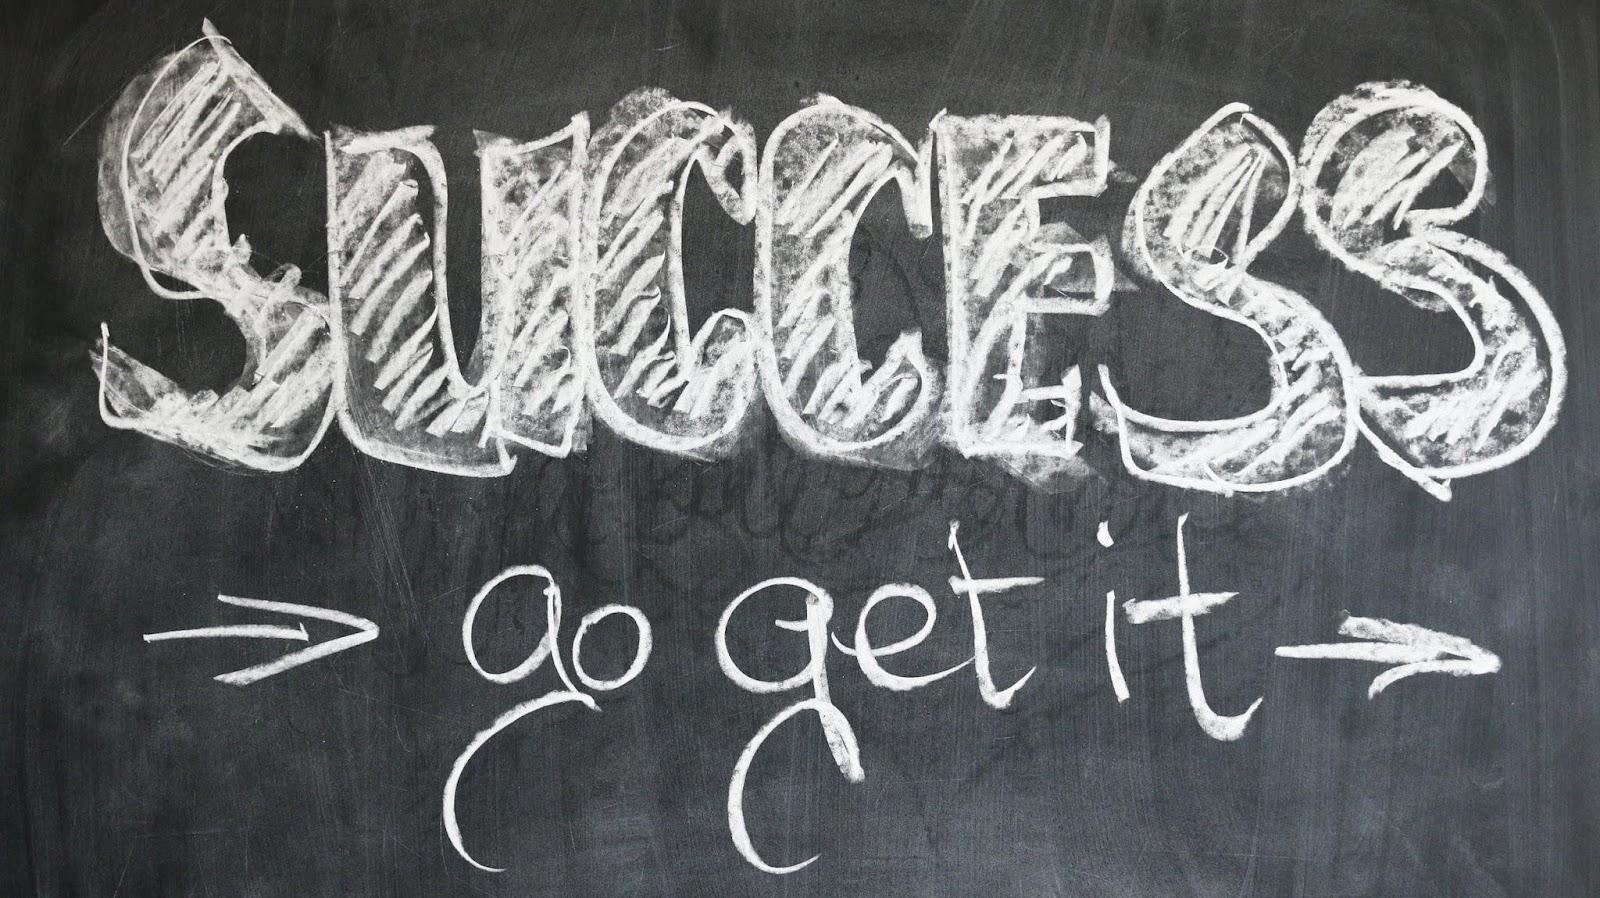 marketing-school-business-idea success boost written on a chalk board